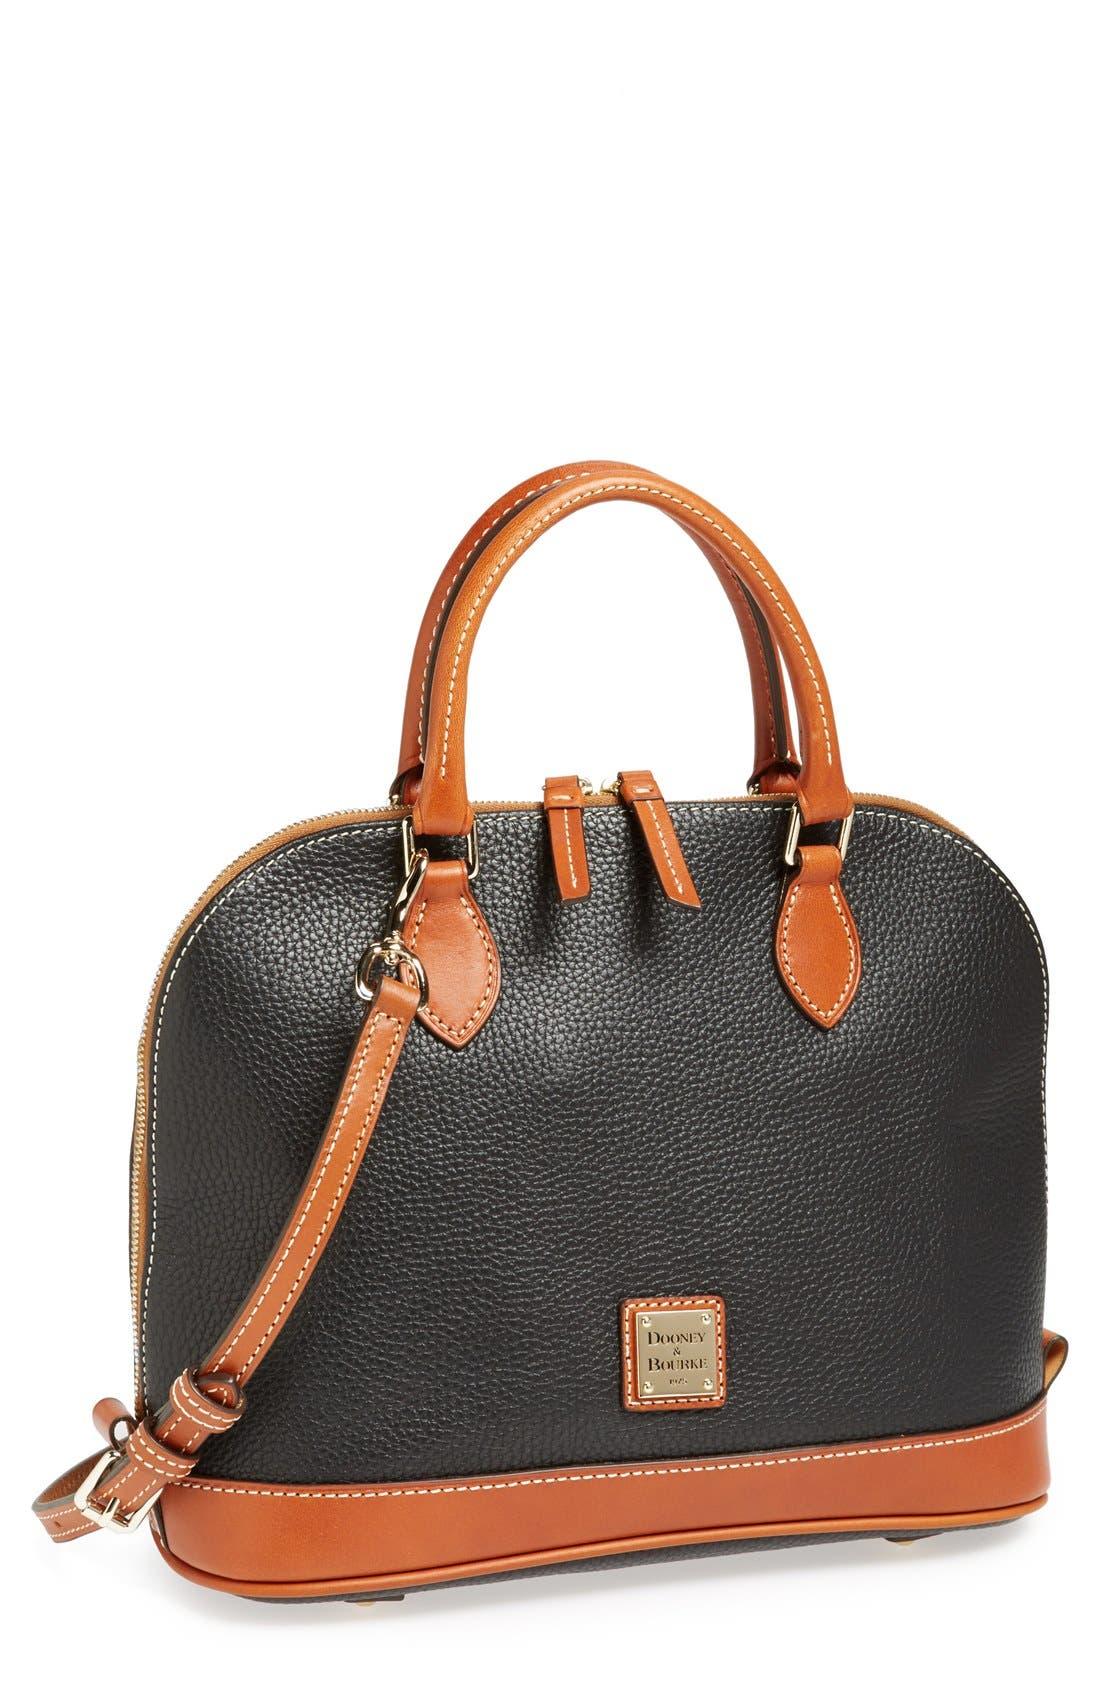 Alternate Image 1 Selected - Dooney & Bourke 'Pebble Grain Collection' Water Repellent Leather Zip Satchel